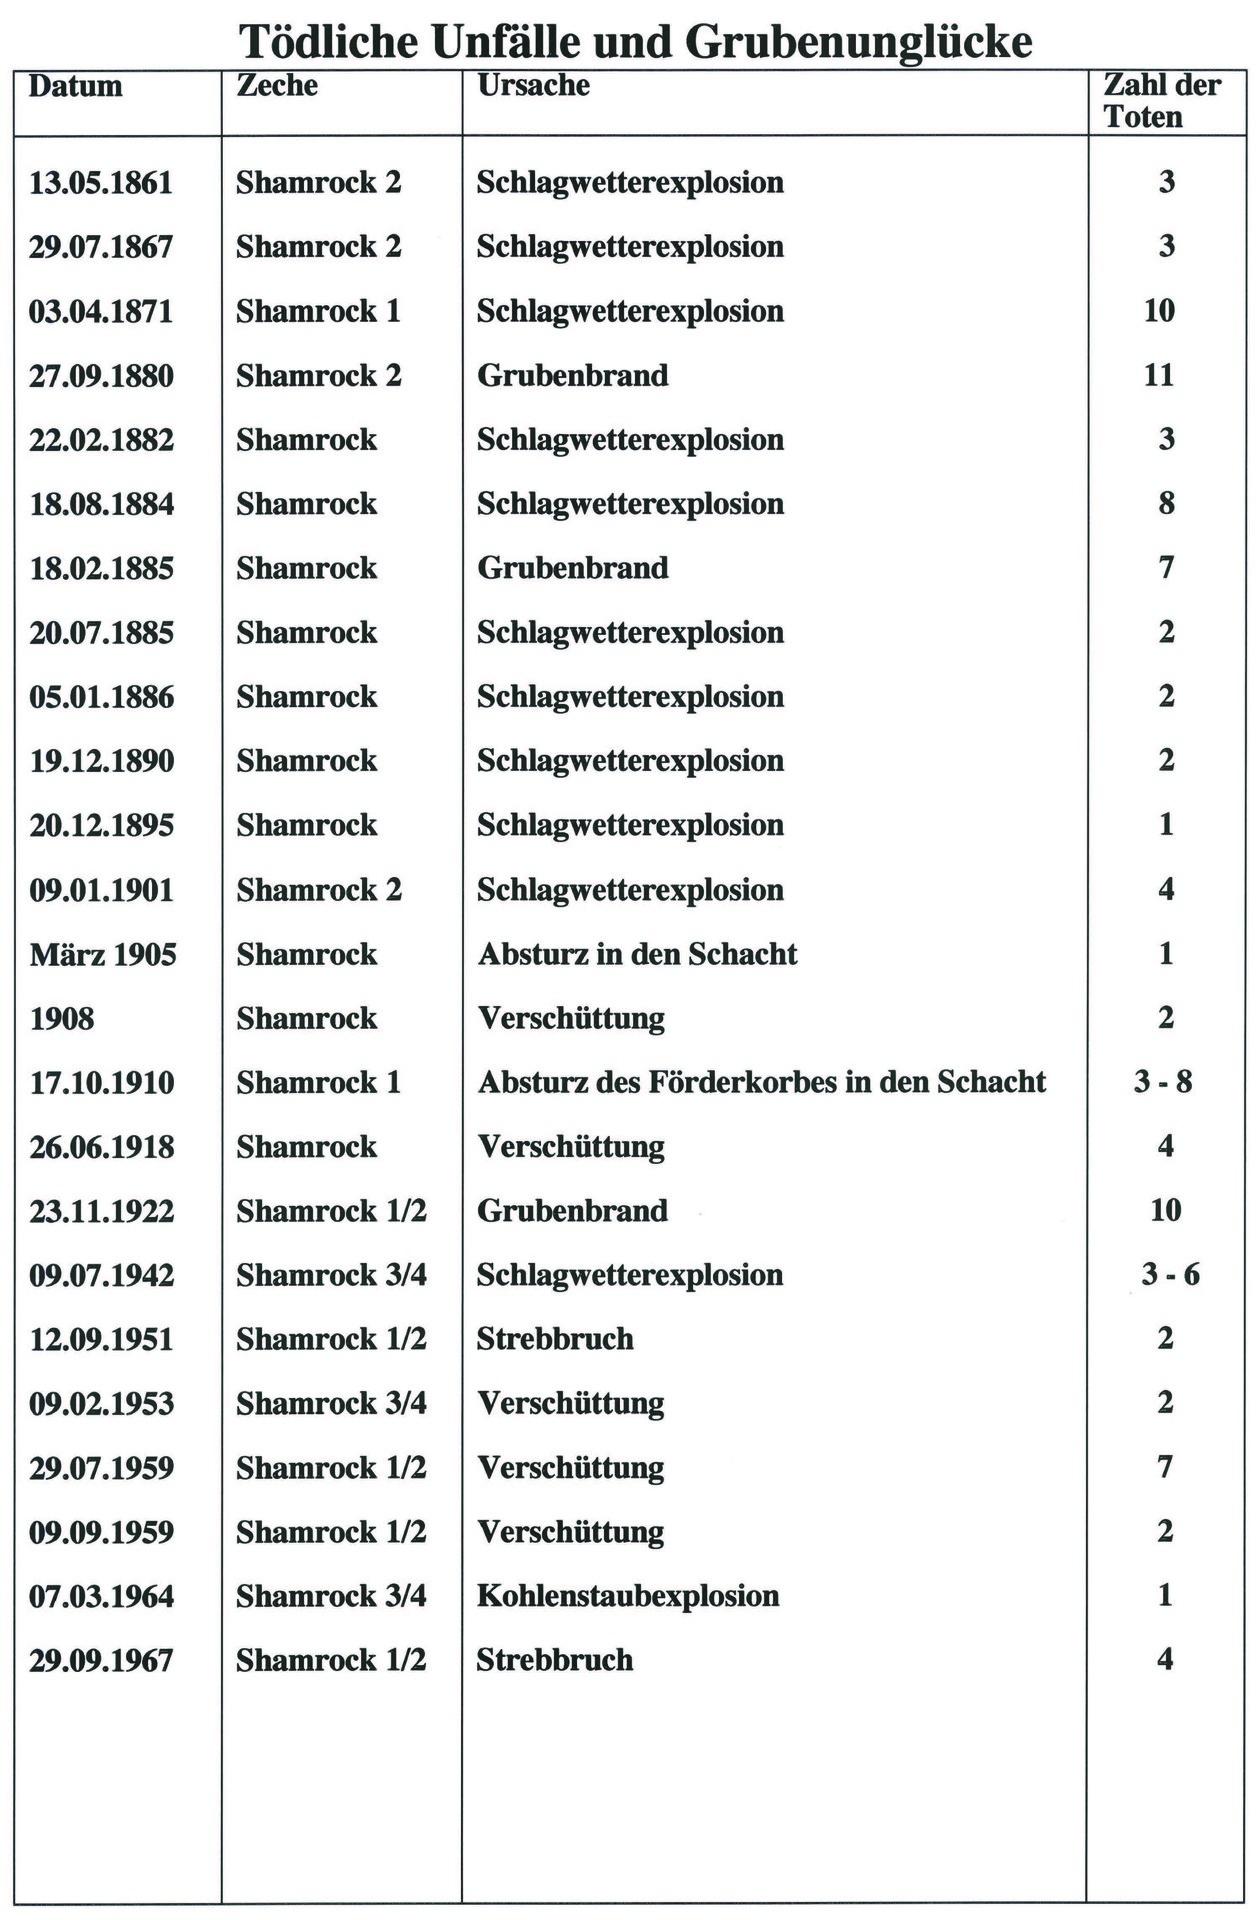 Tödliche Unfälle Tabelle.jpg